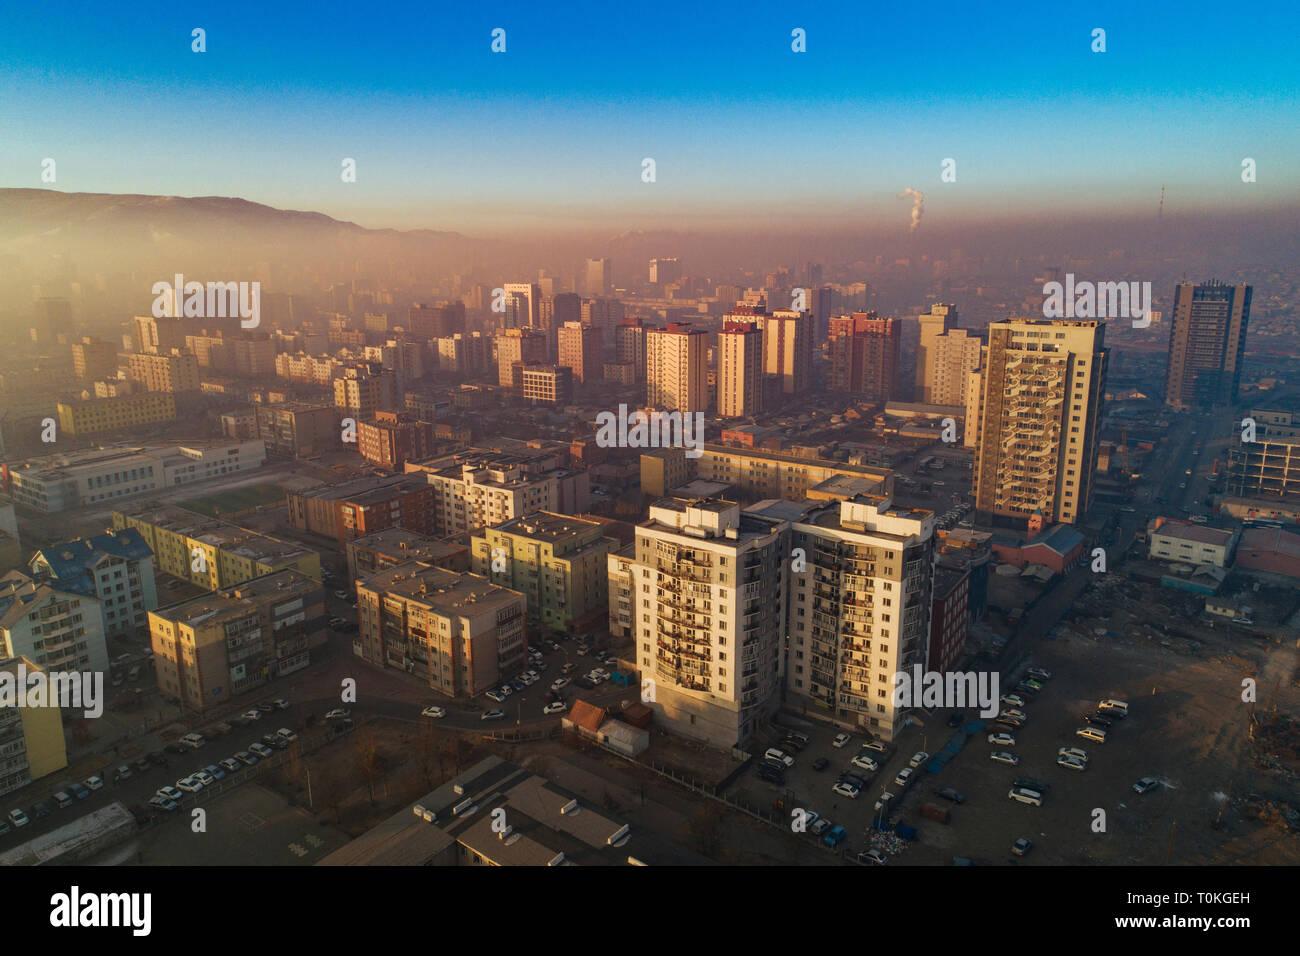 Ulan Bator al amanecer con el smog, Mongolia Foto de stock